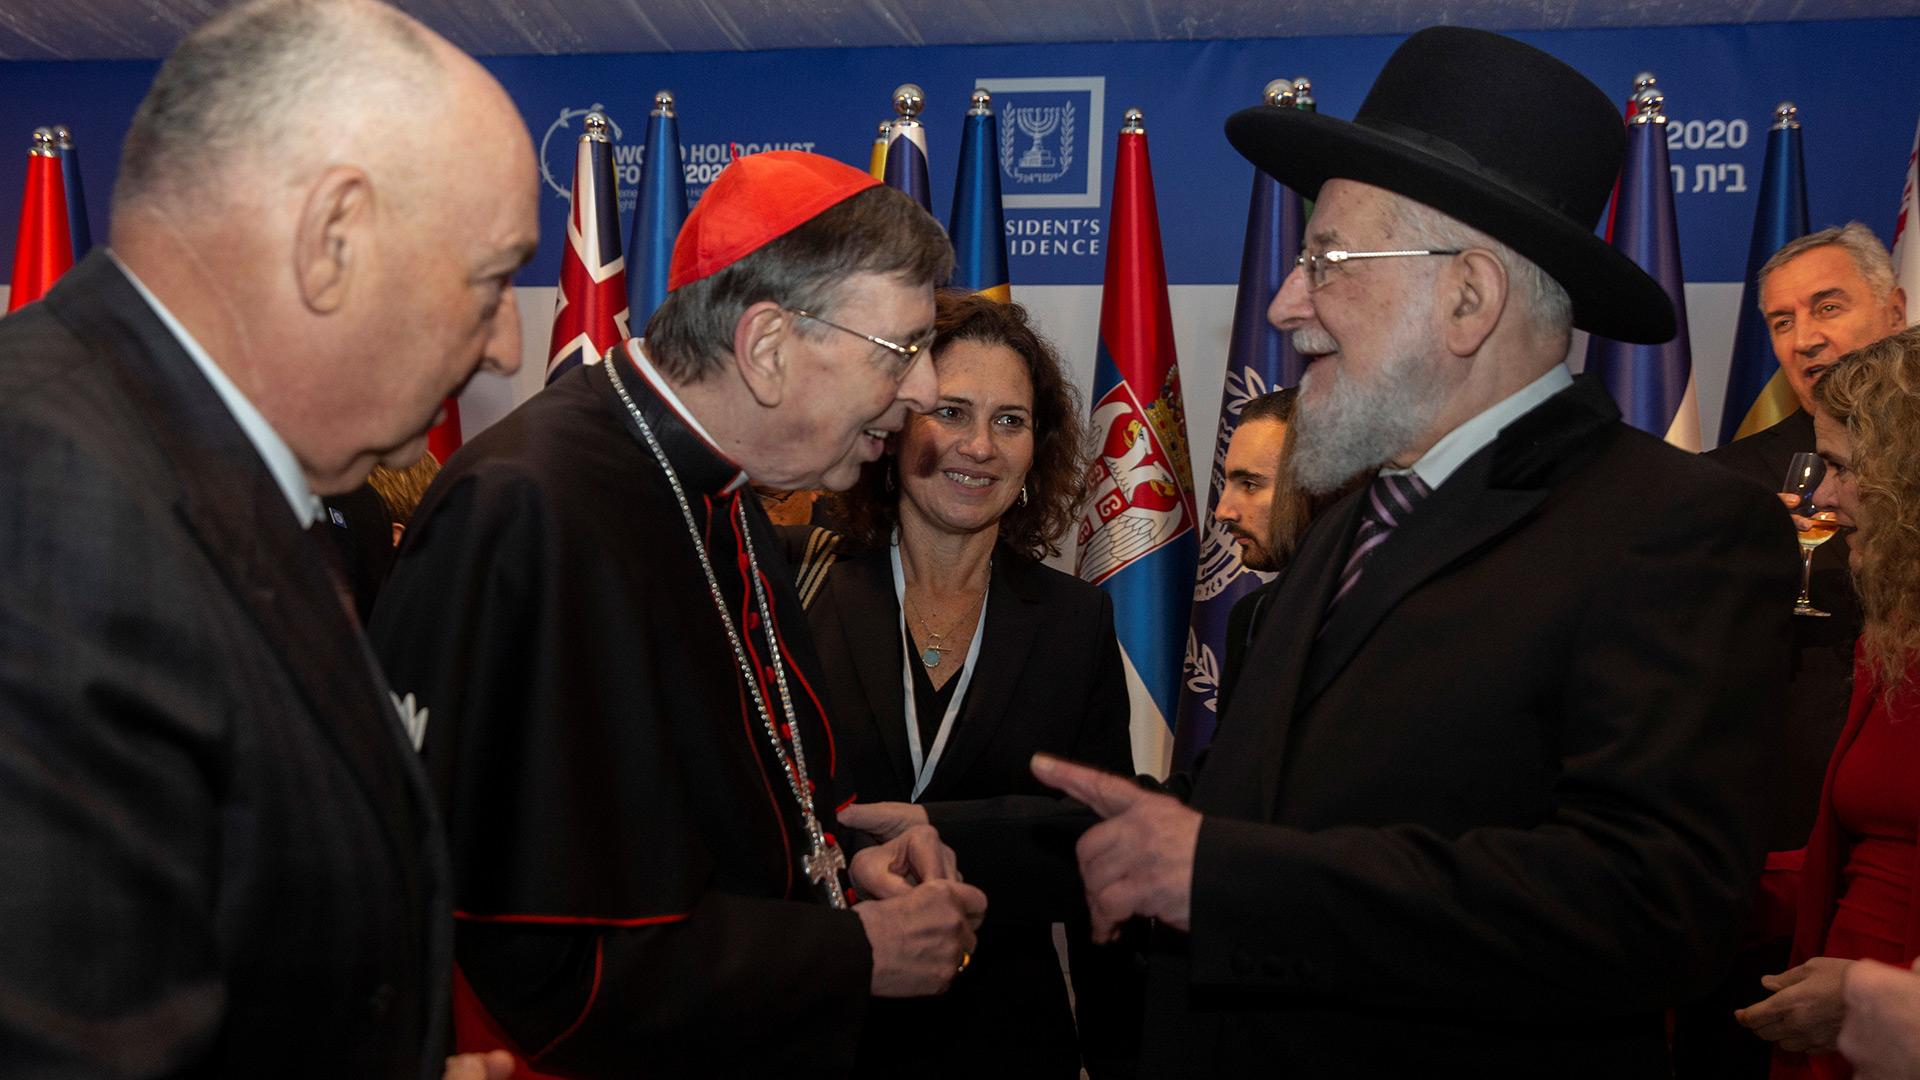 El sobreviviente del Holocausto Rabbi Yisrael Meir Lau habla con el obispo Kurt Koch, presidente del Consejo Pontificio para la Promoción de la Unidad Cristiana (Heidi Levine/Pool via REUTERS)